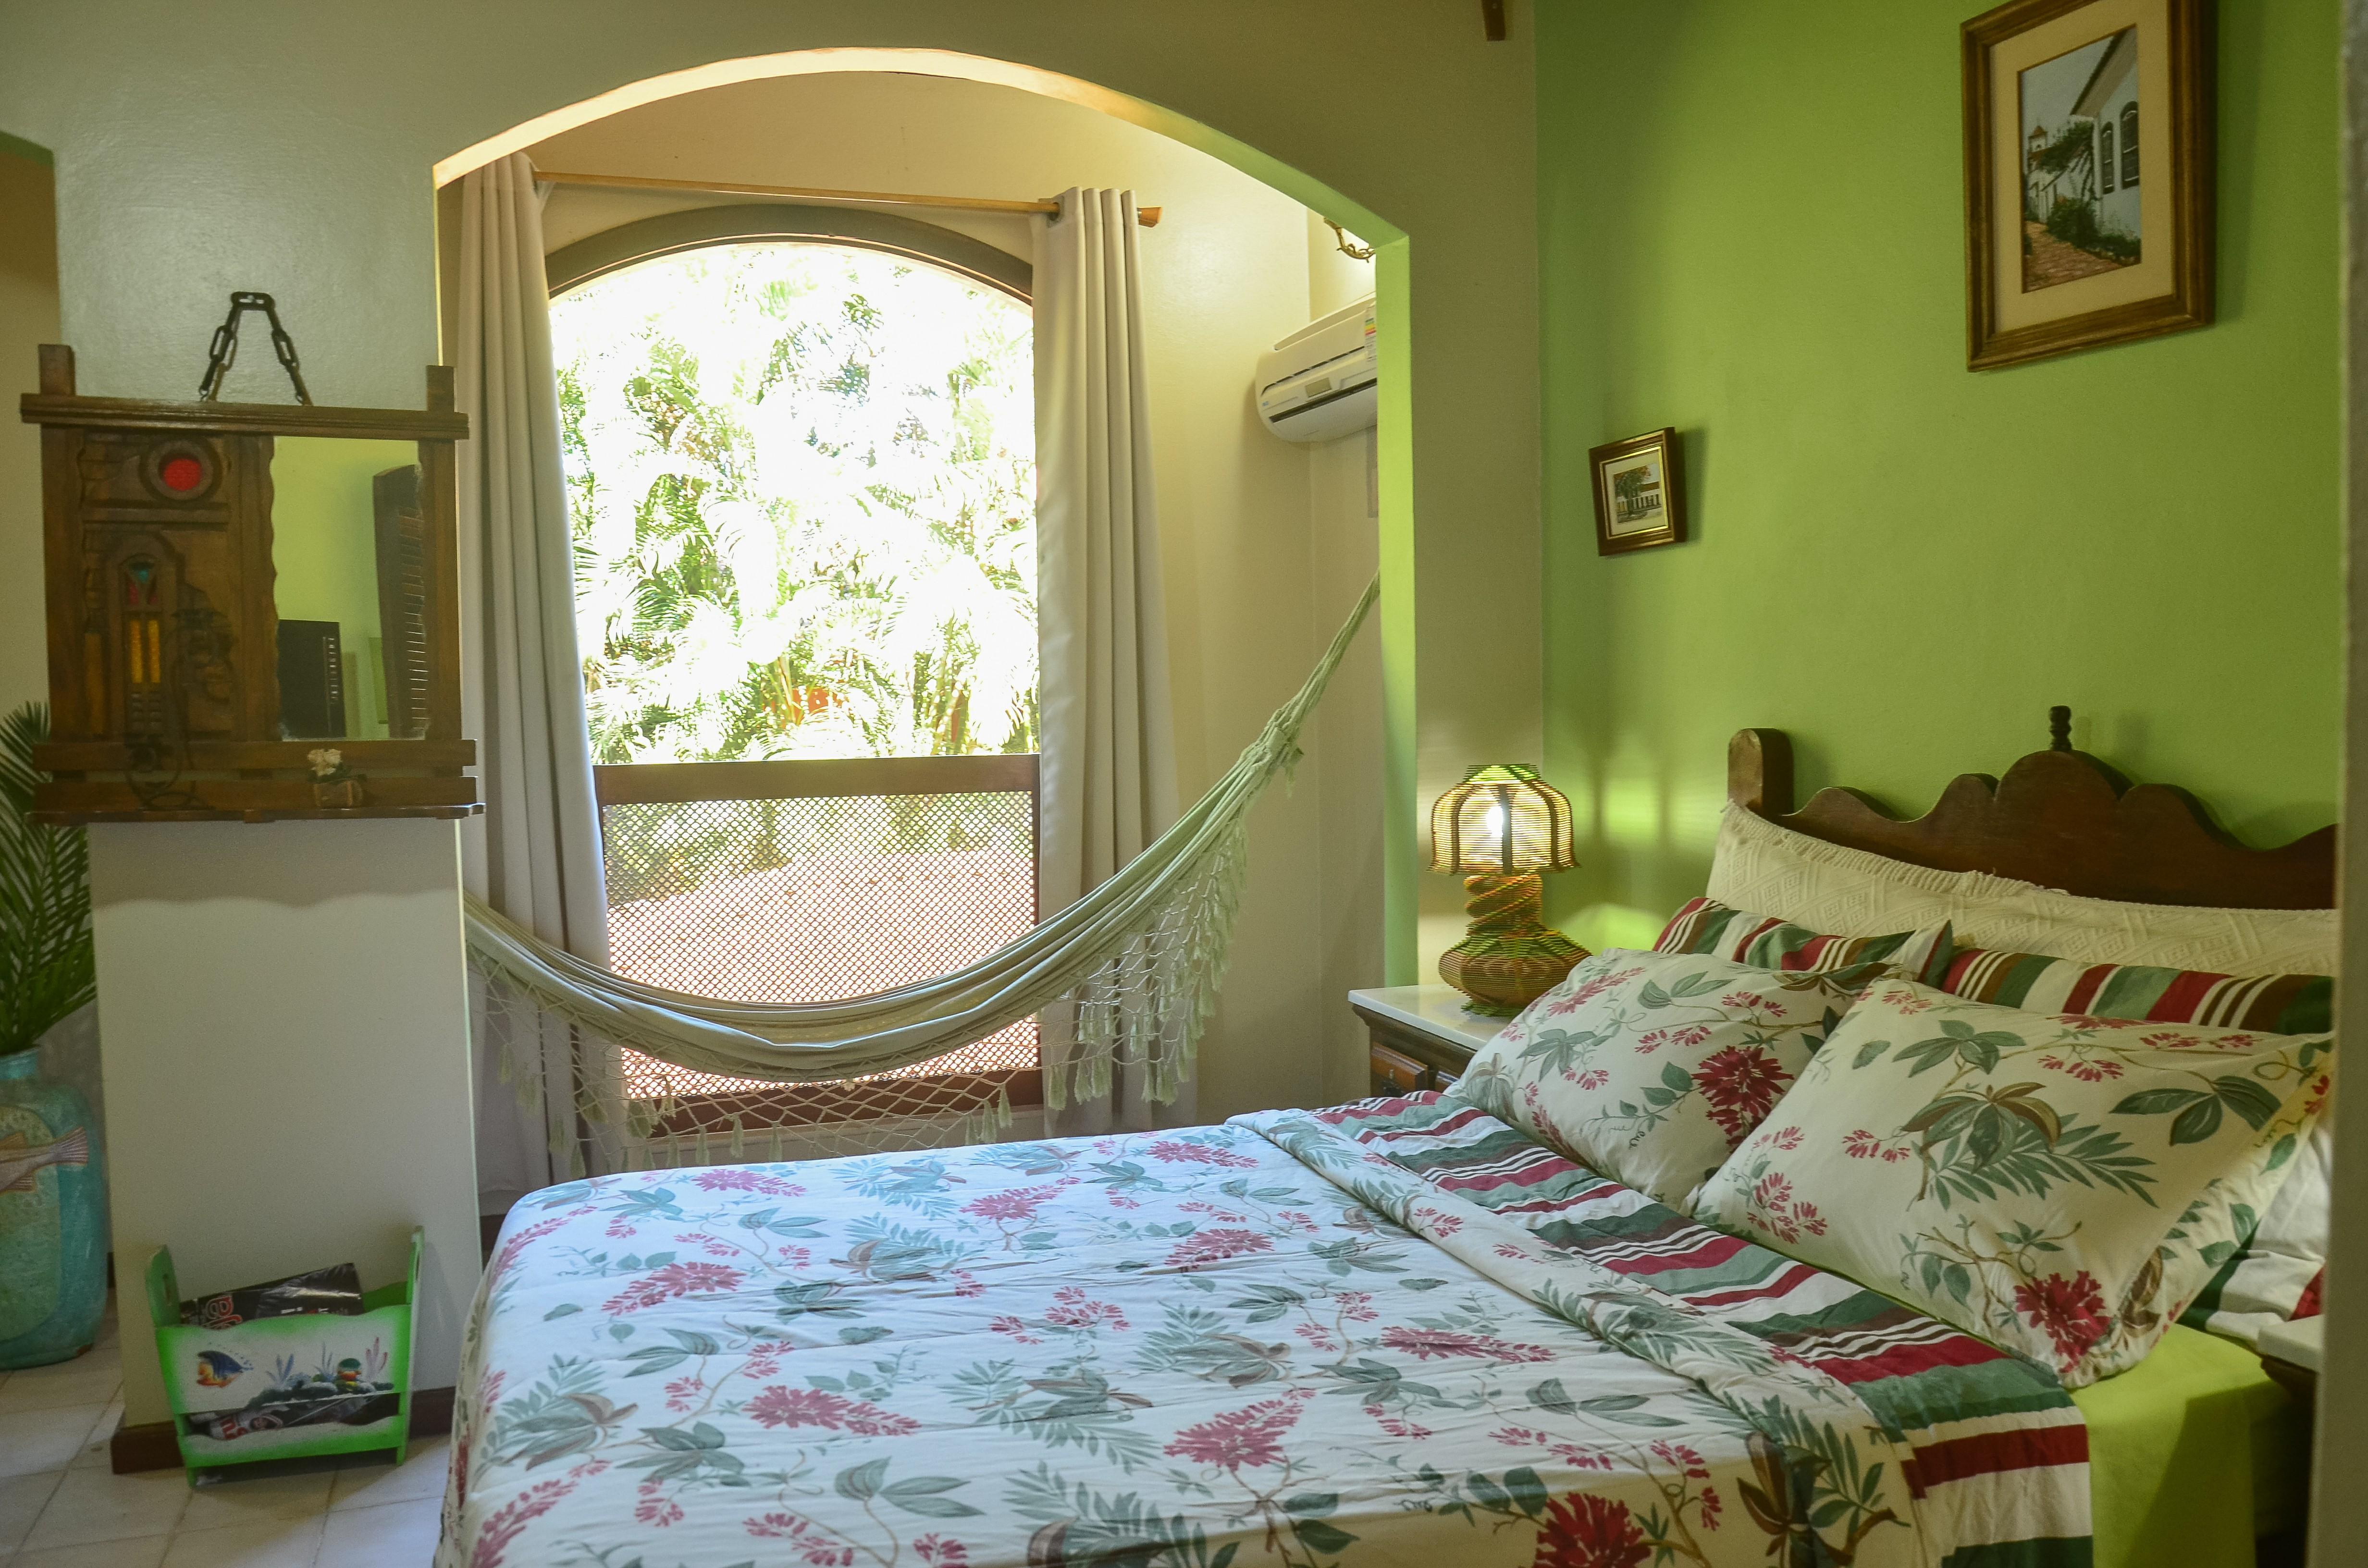 Pousada Dom Ângelo - Paraty RJ - Suíte Verde